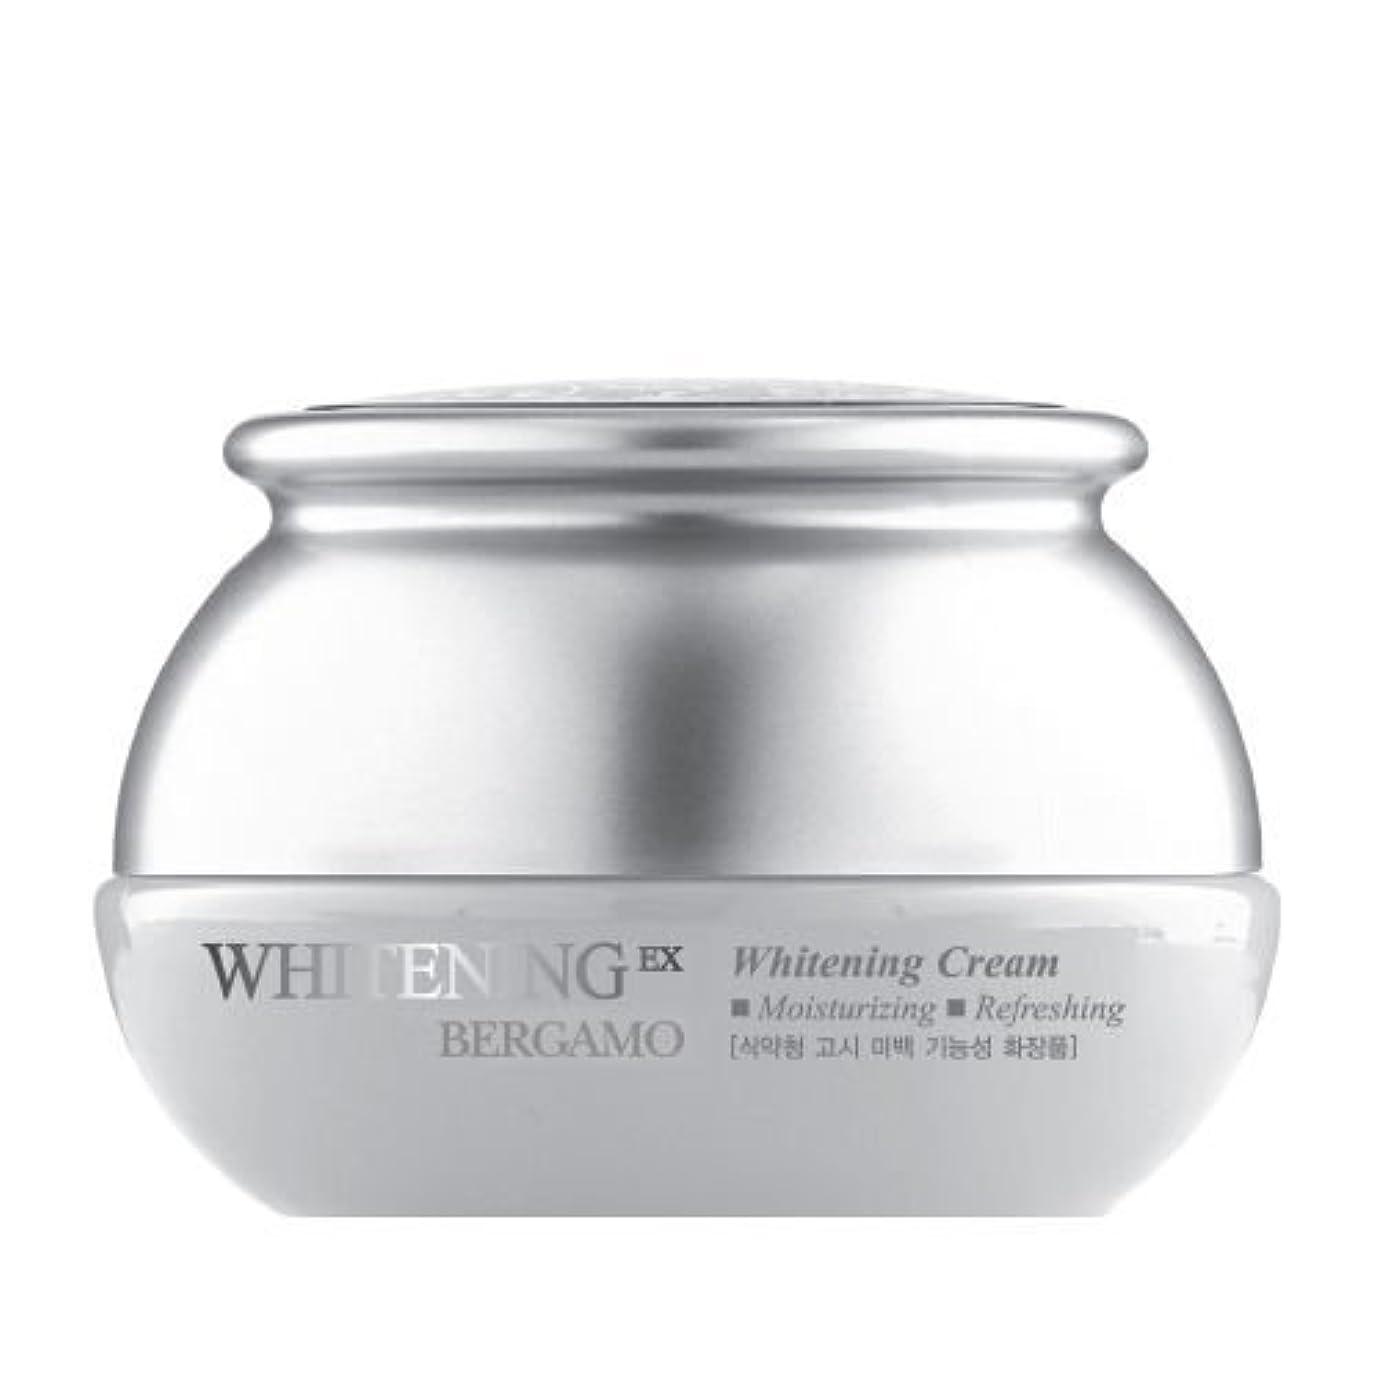 住む契約消毒剤ベルガモ[韓国コスメBergamo]Whitening EX Wrinkle Care Cream ホワイトニングEXリンクルケアクリーム50ml しわ管理 [並行輸入品]